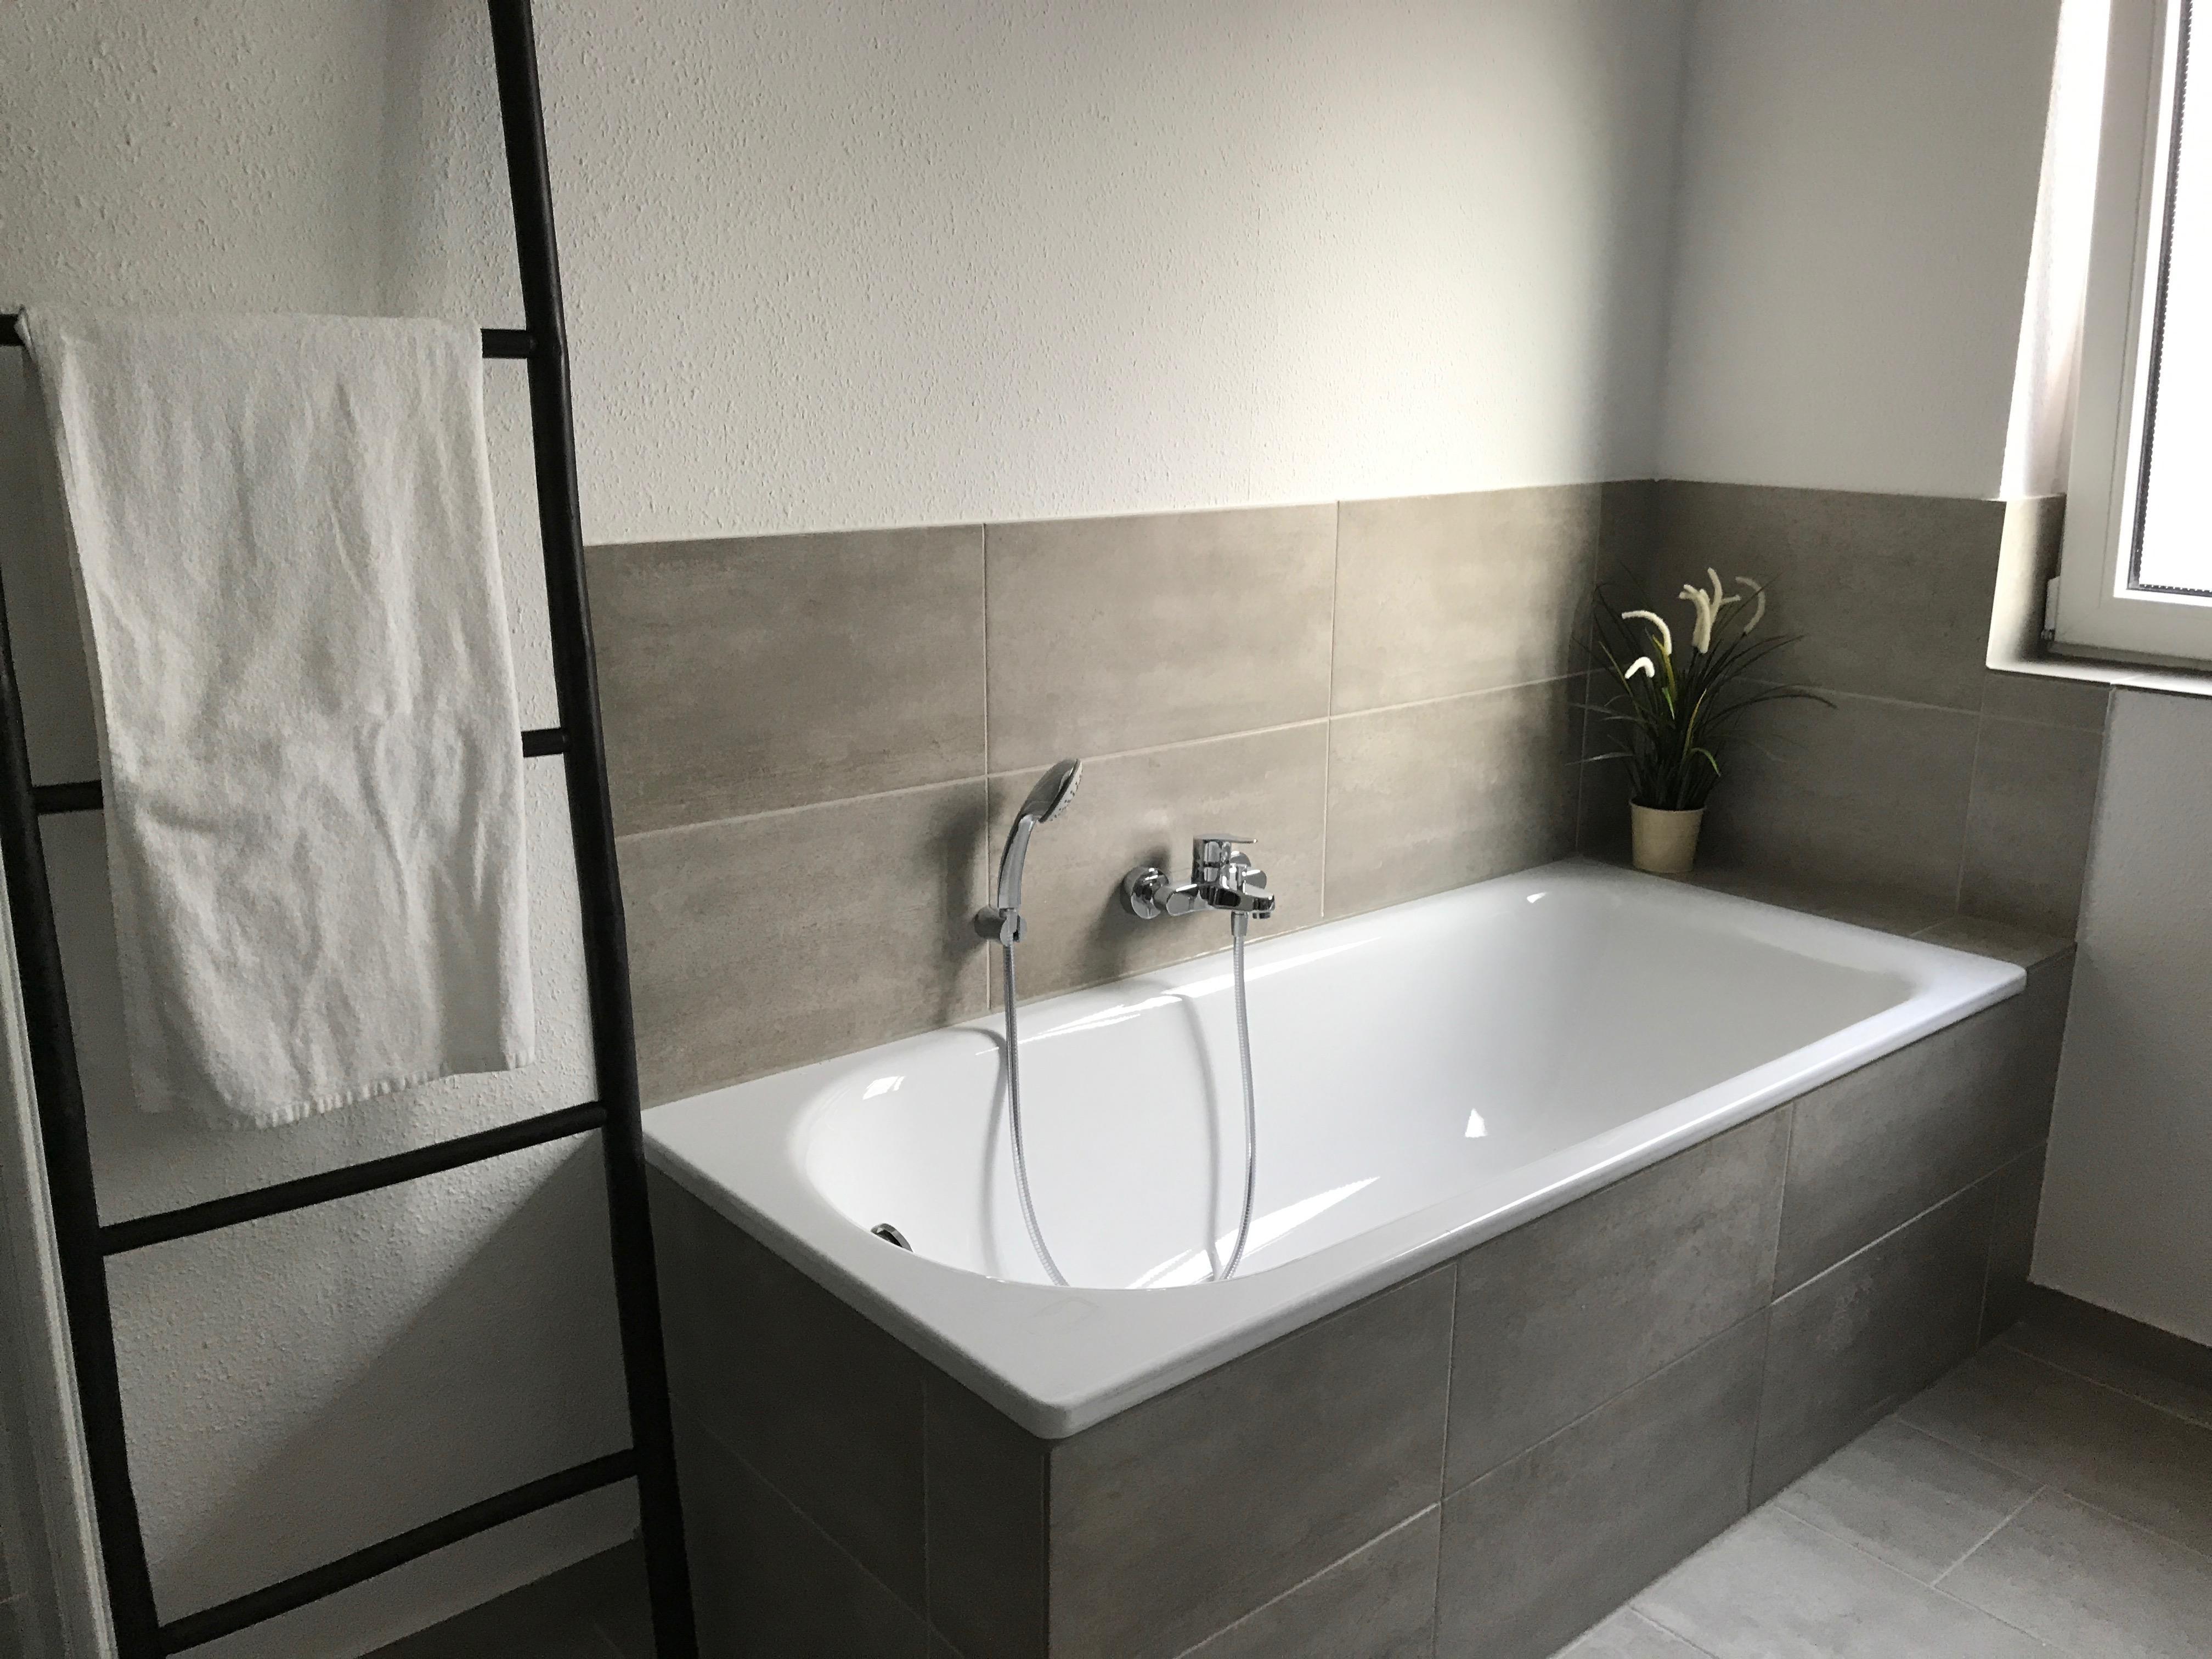 Badezimmer Egal Wo mein holter-bad - tauschek bad und sanitär - badezimmer egal wo